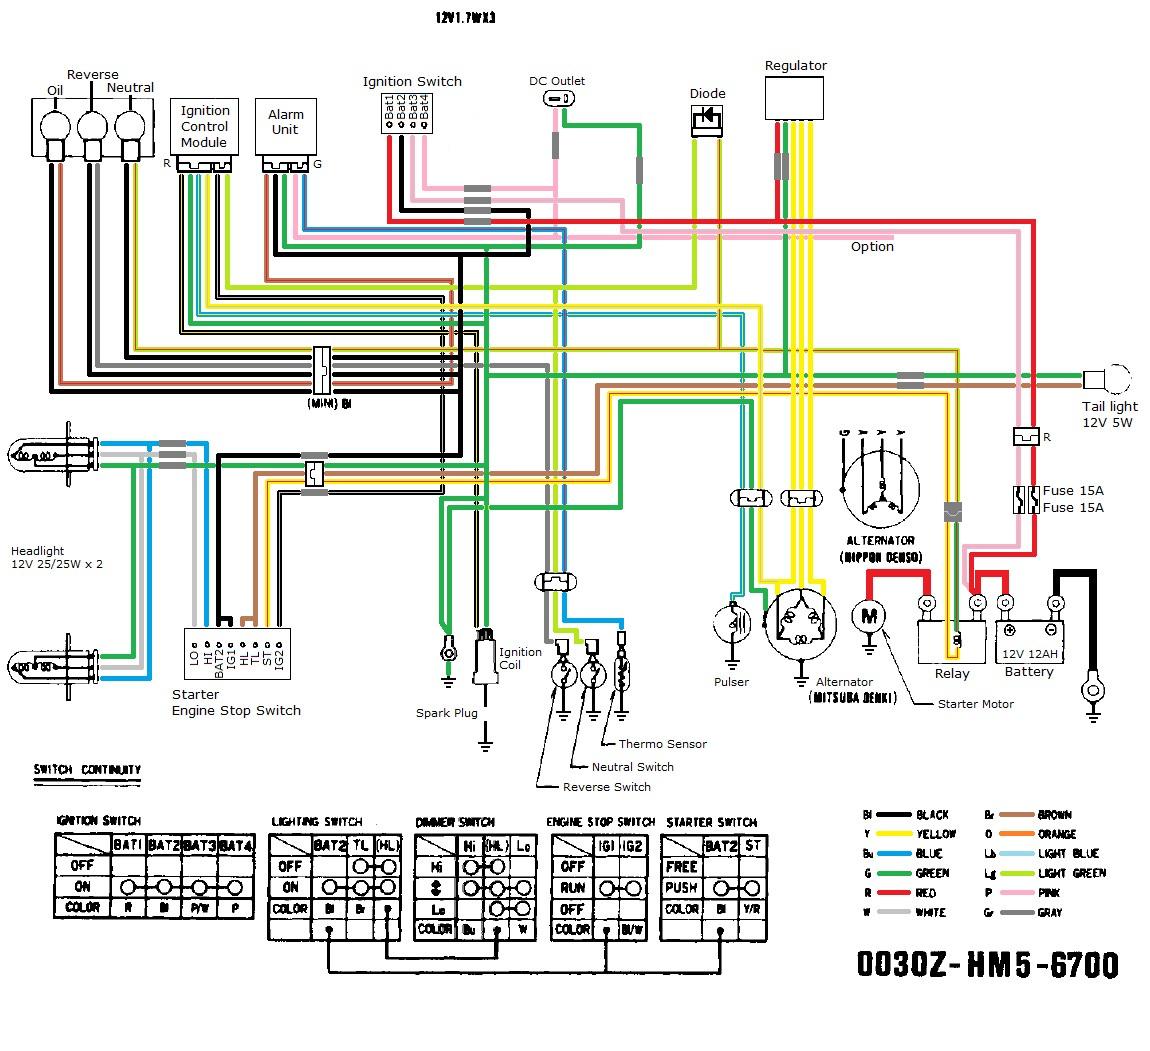 hight resolution of 110cc atv wiring switch schematic diagram taotao 110cc atv 110cc atv wiring 110 atv wiring schematics